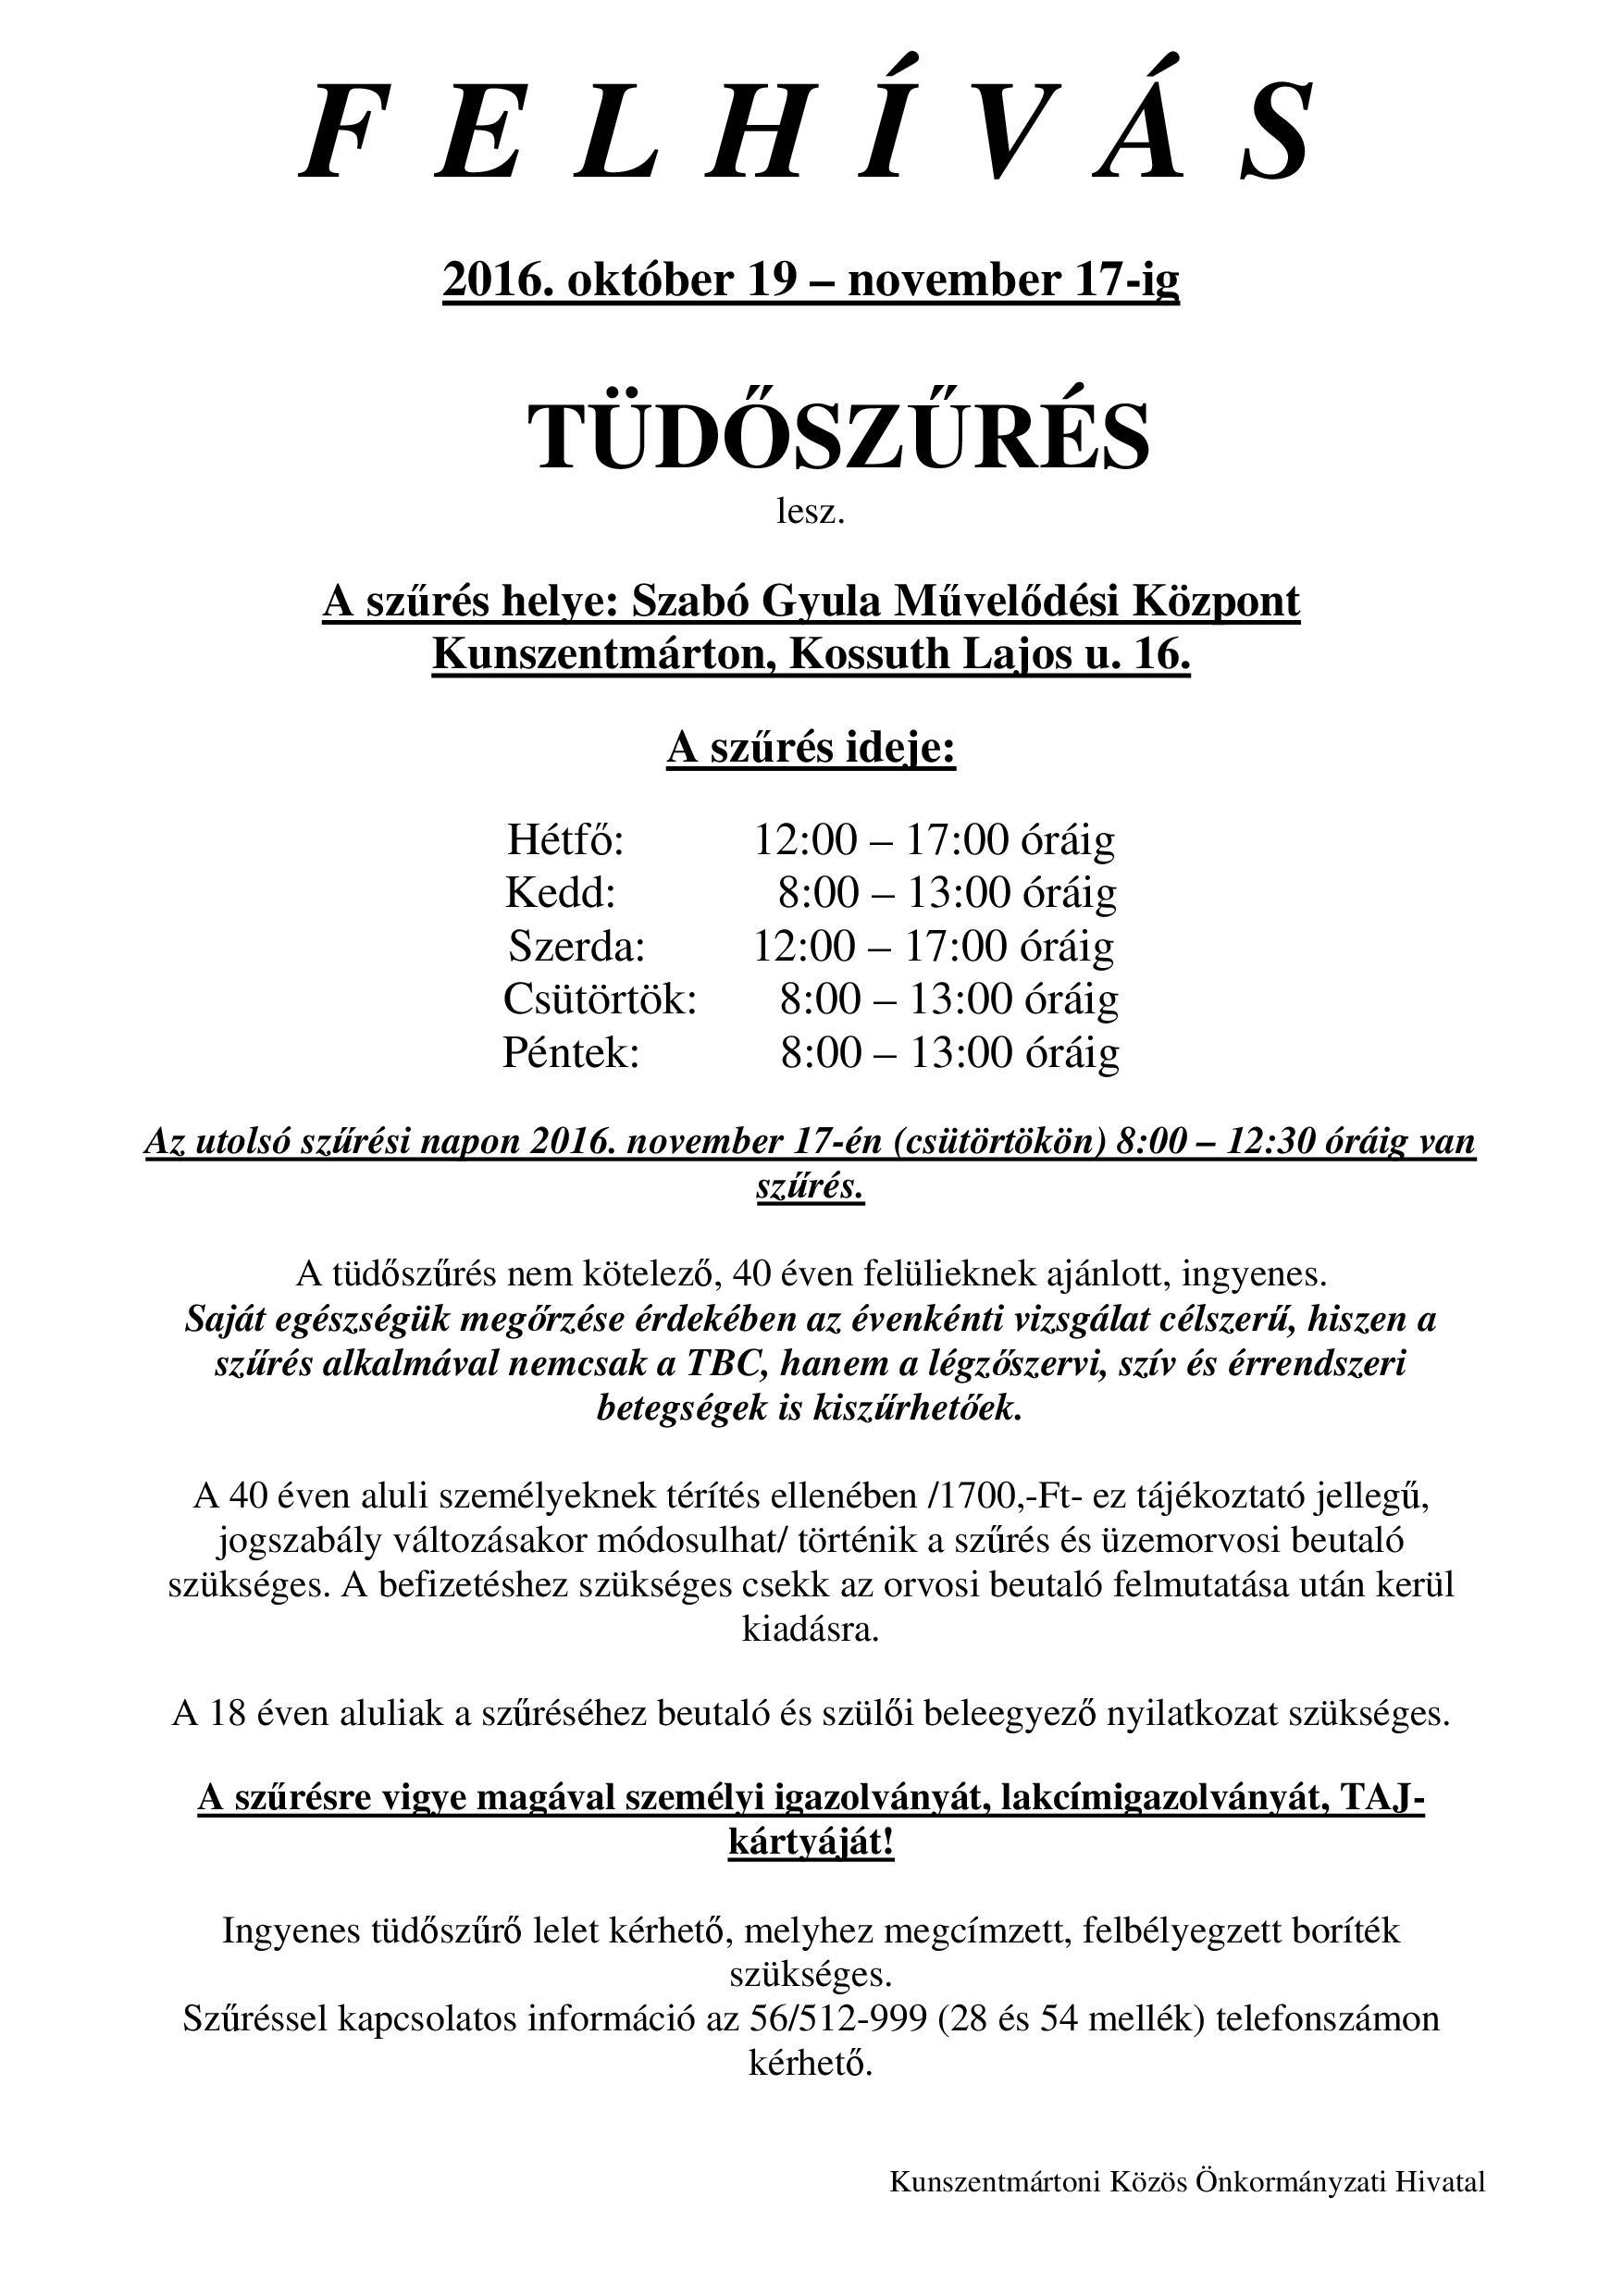 tudoszures-2016-001